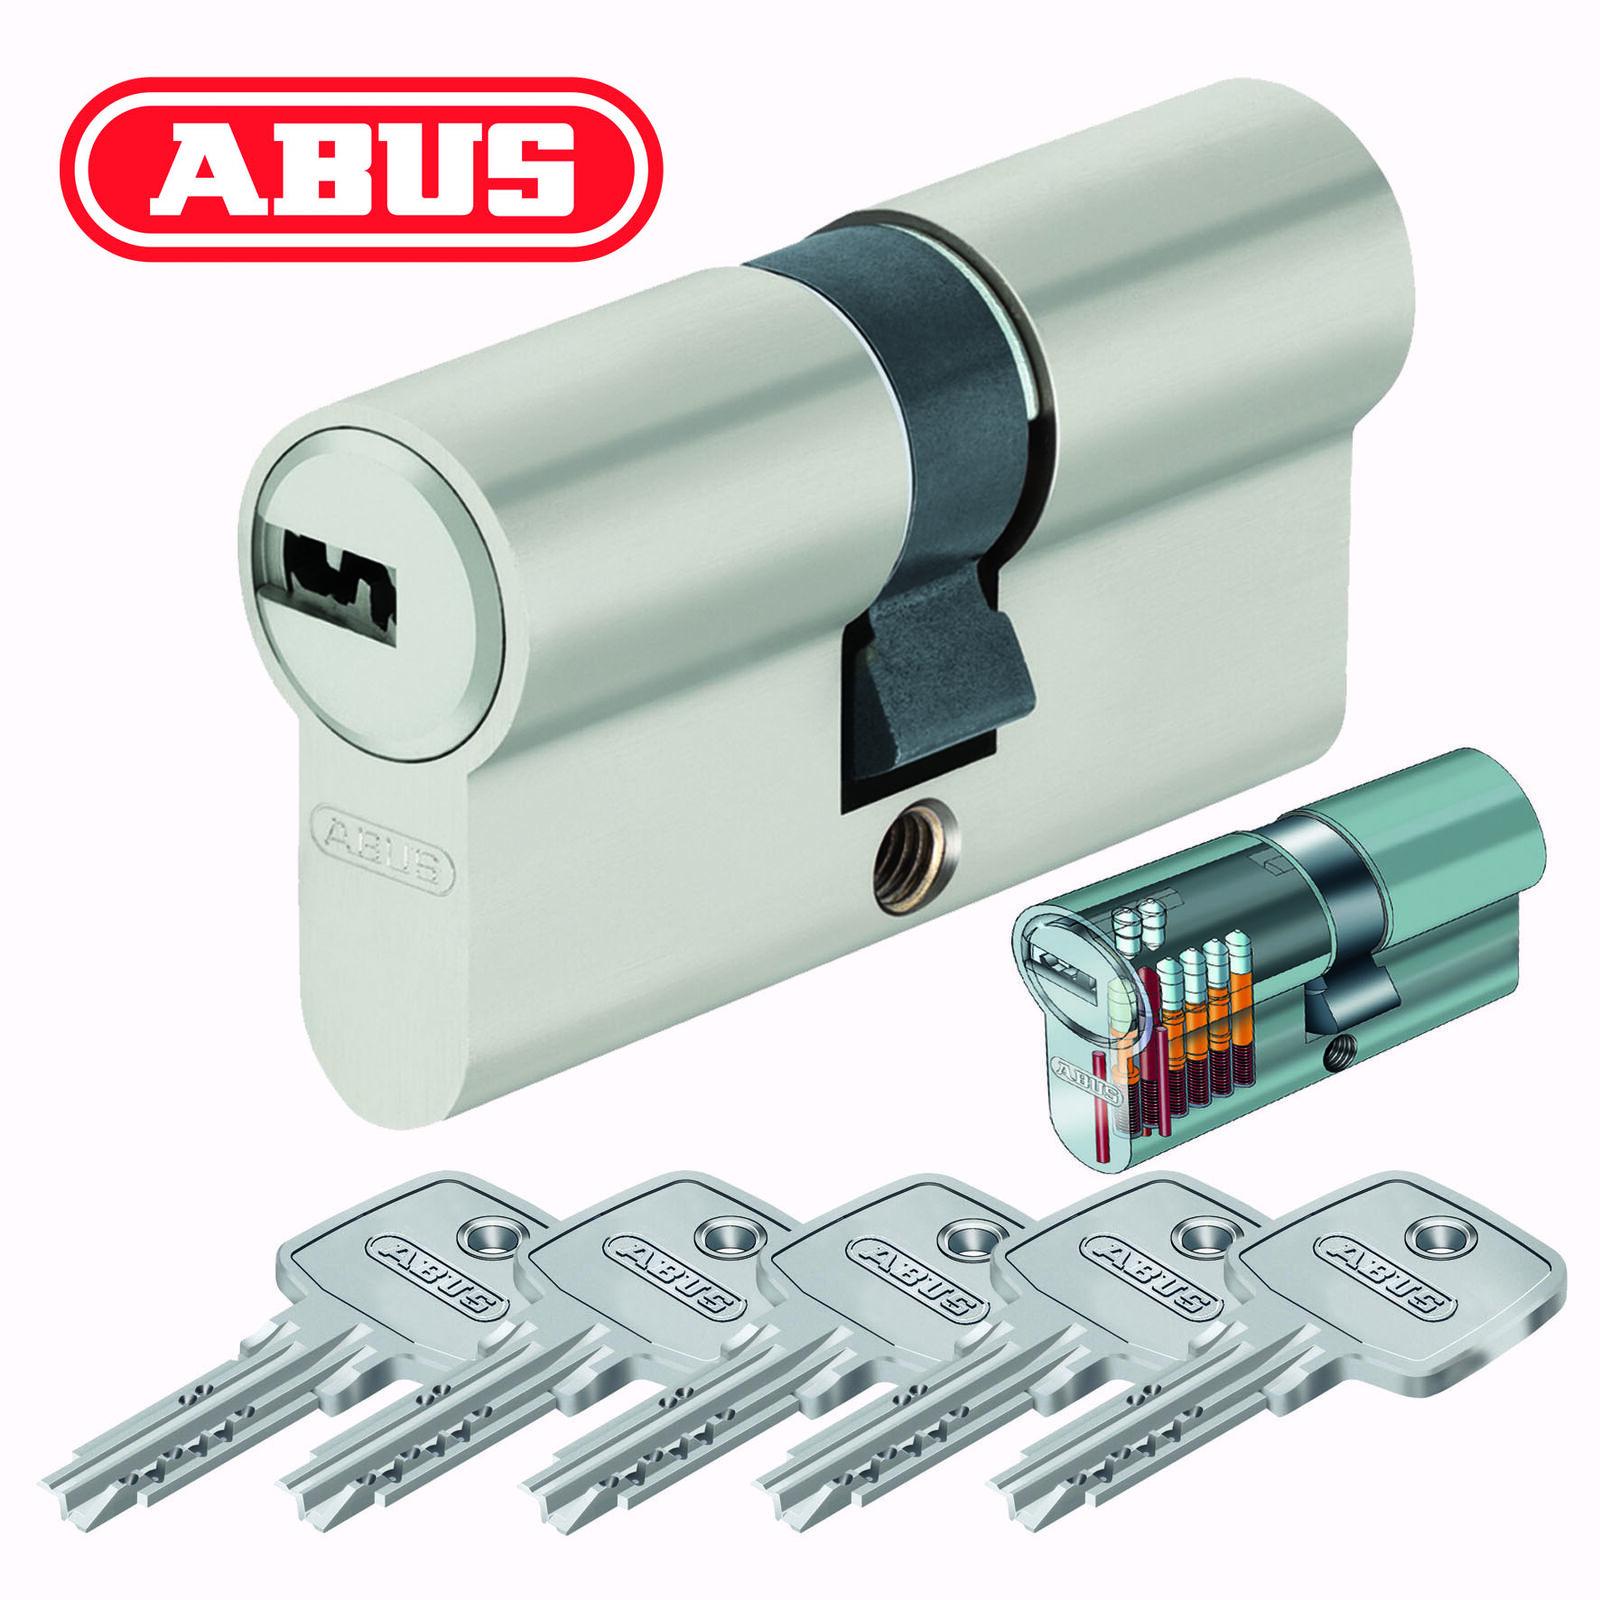 ABUS EC550 EC550 EC550 mit 5 Schlüssel, Profilzylinder Schließanlage gleichschließend N G  | Deutschland Shops  | Neuheit Spielzeug  | Günstige Preise  | Internationale Wahl  7b6661